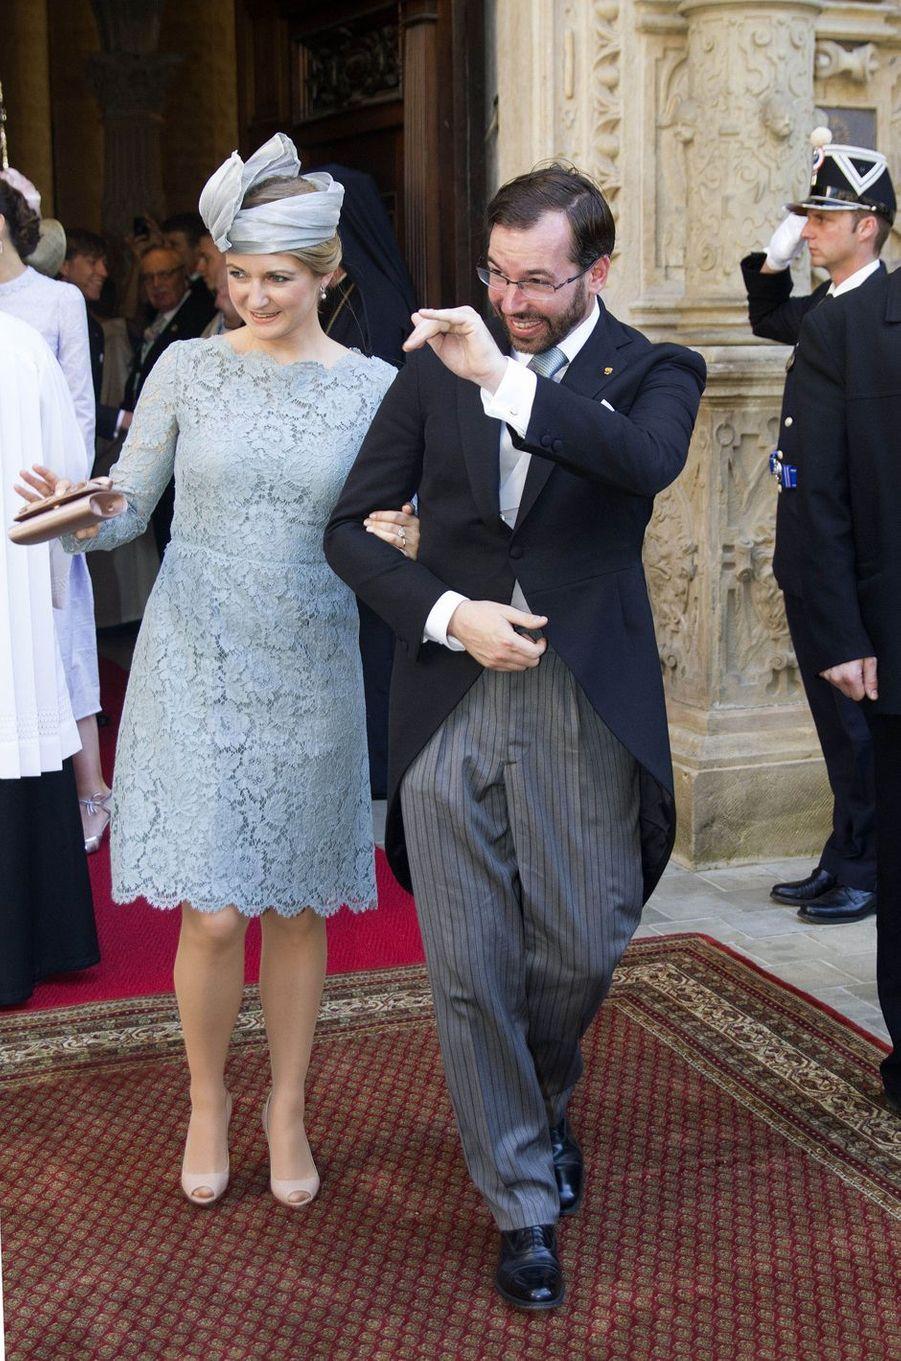 La princesse Stéphanie et le prince Guillaume de Luxembourg à Luxembourg, le 23 juin 2016